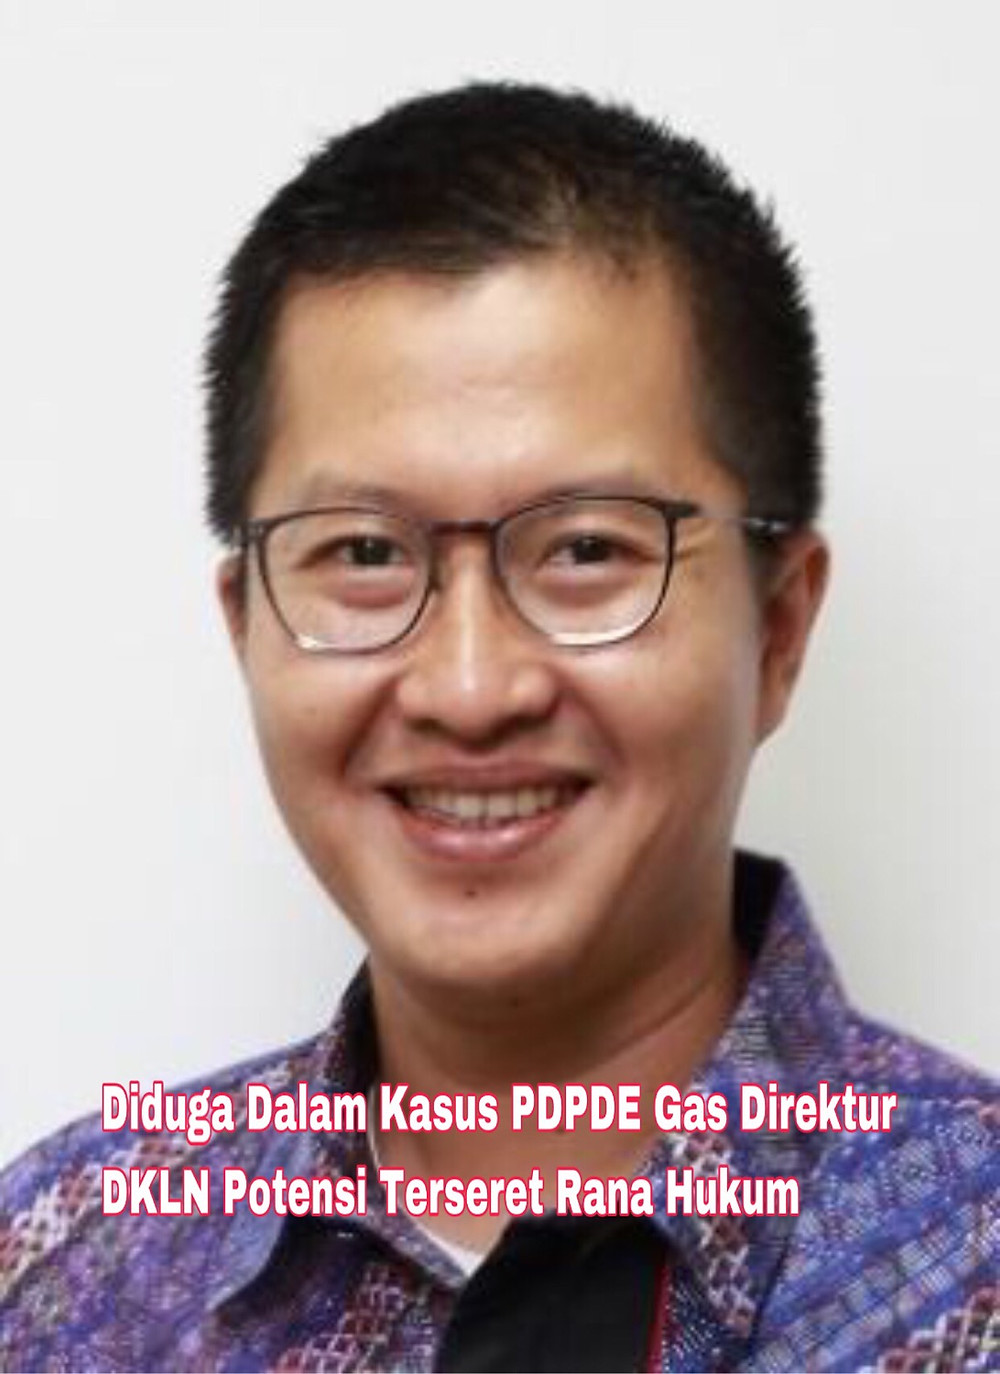 Baca juga: diduga-dalam-kasus-pdpde-gas-direktur-dkln-potensi-terseret-ke-rana-hukum